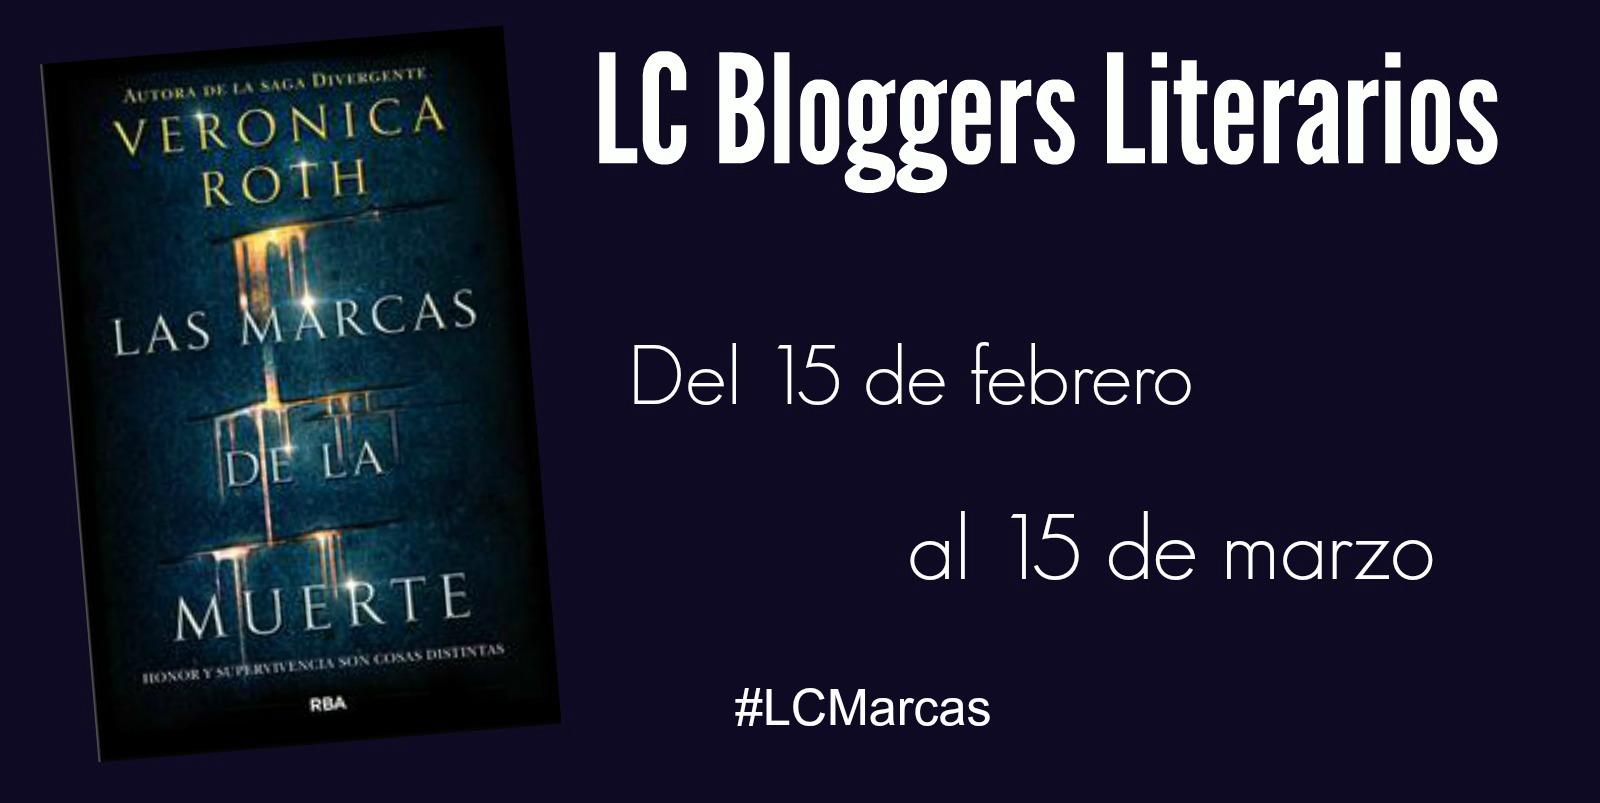 LC Bloggers Literarios